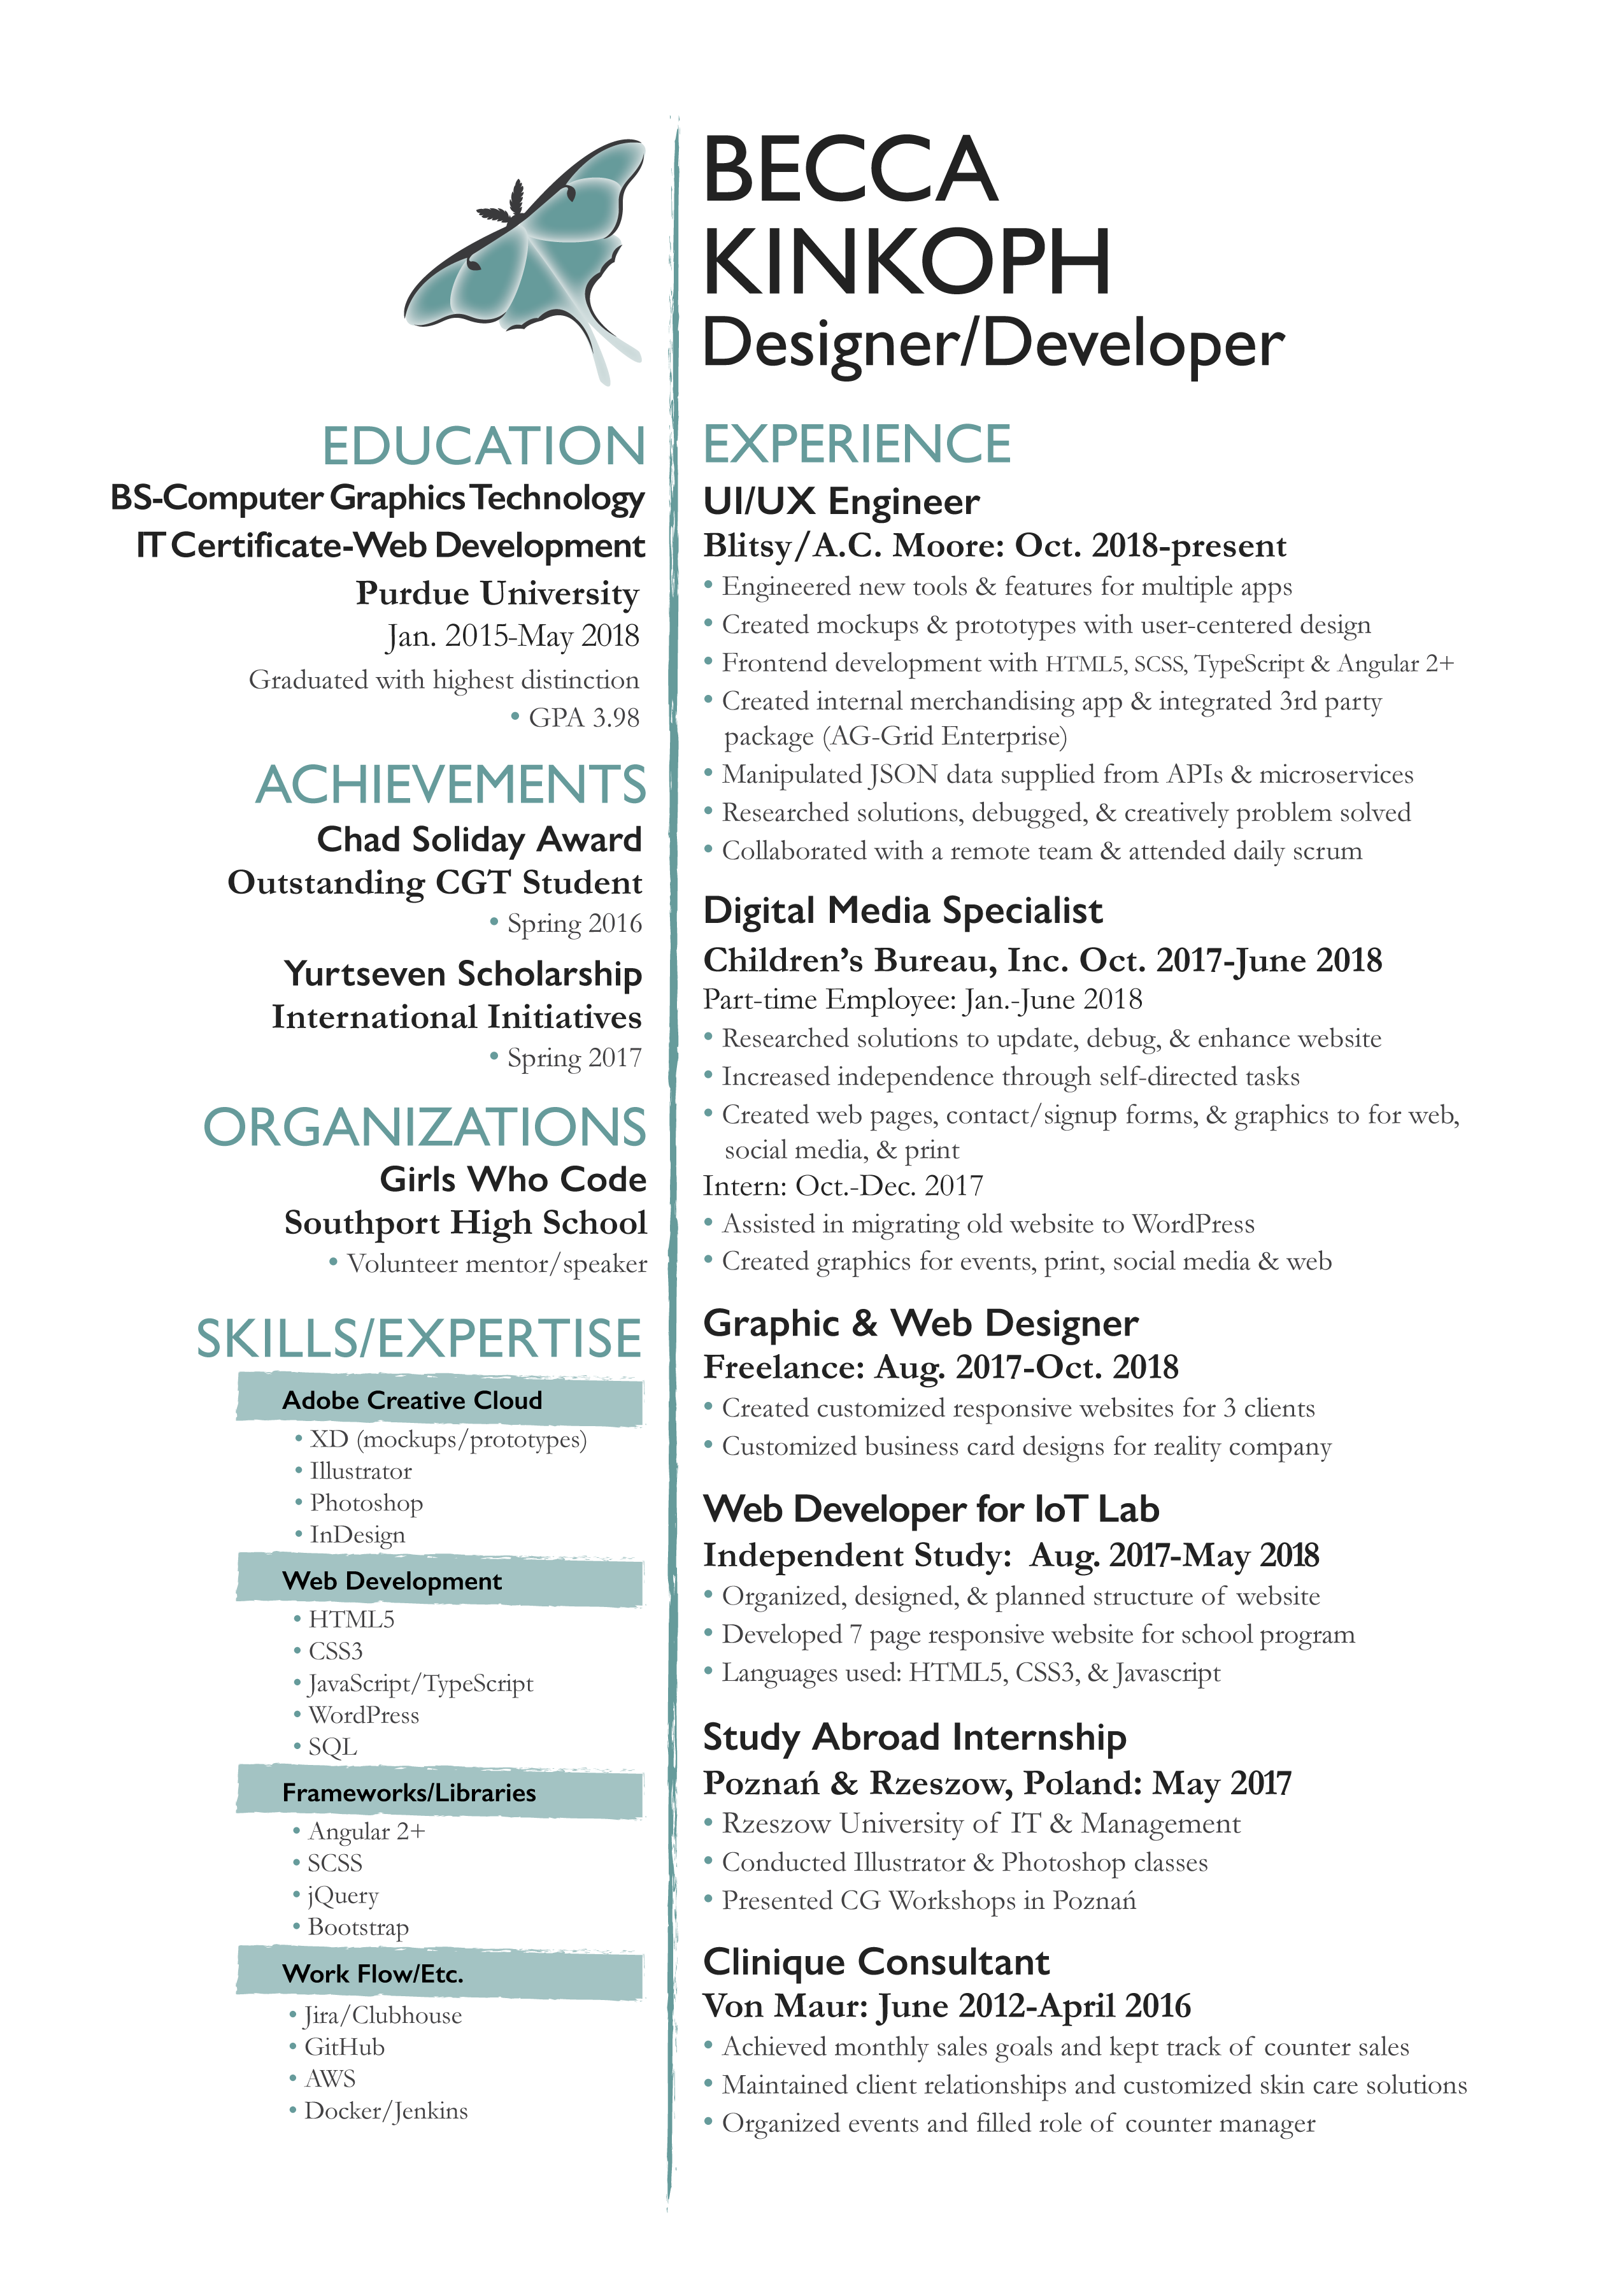 Resume Becca Kinkoph